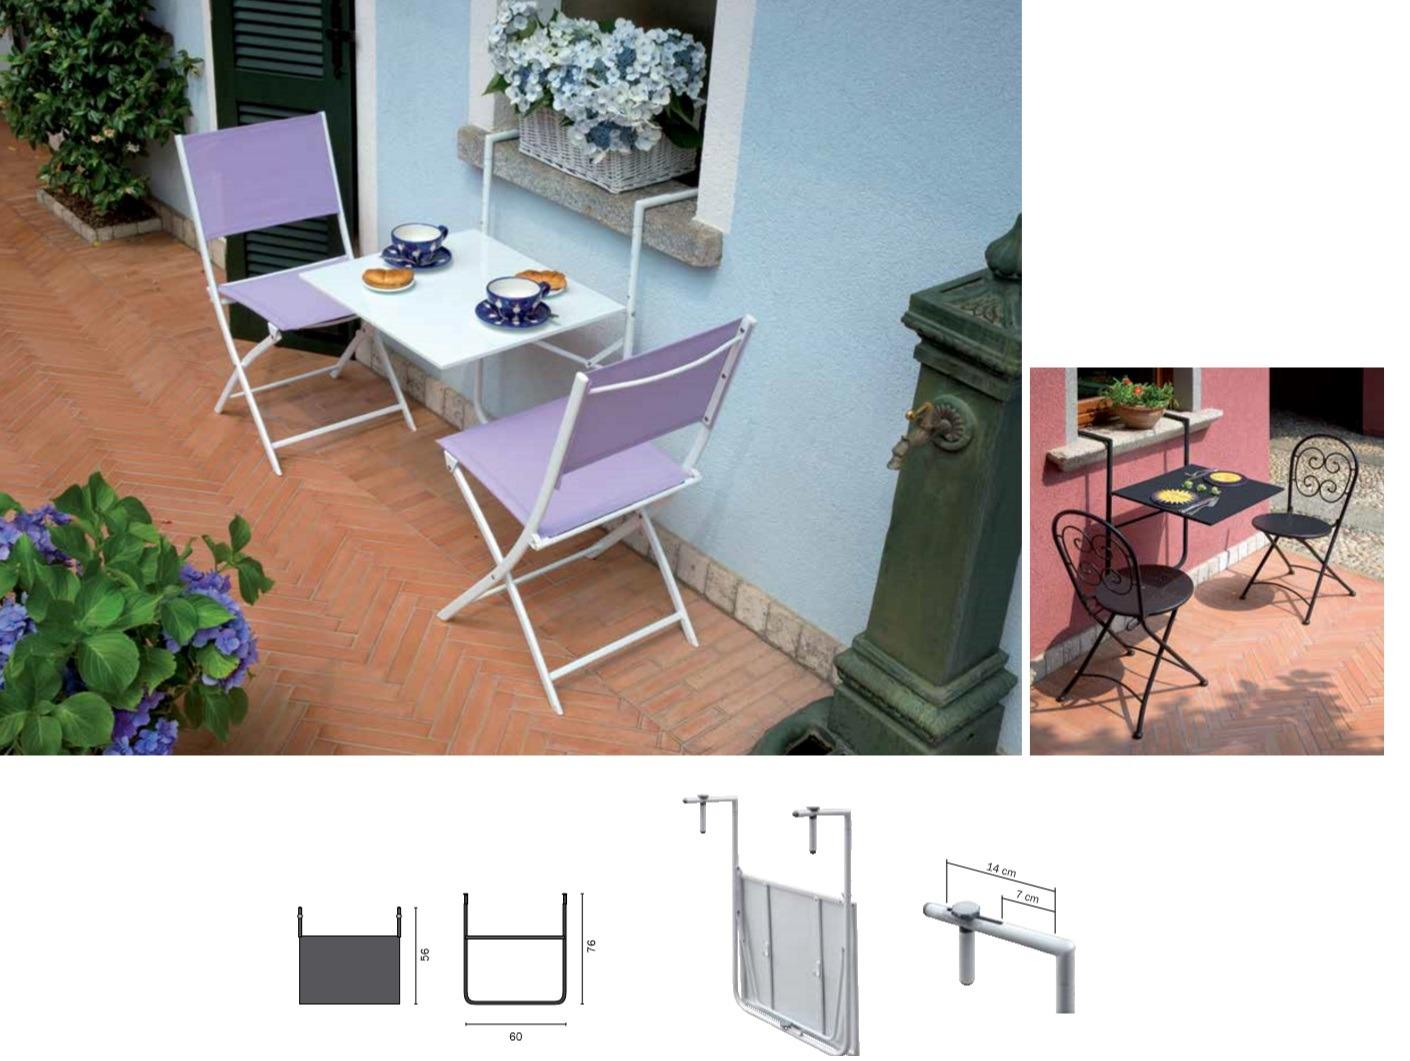 Moia tavolo da ringhiera 60 x 56 cm rtf 19 bianco - Ikea tavolino pieghevole ...